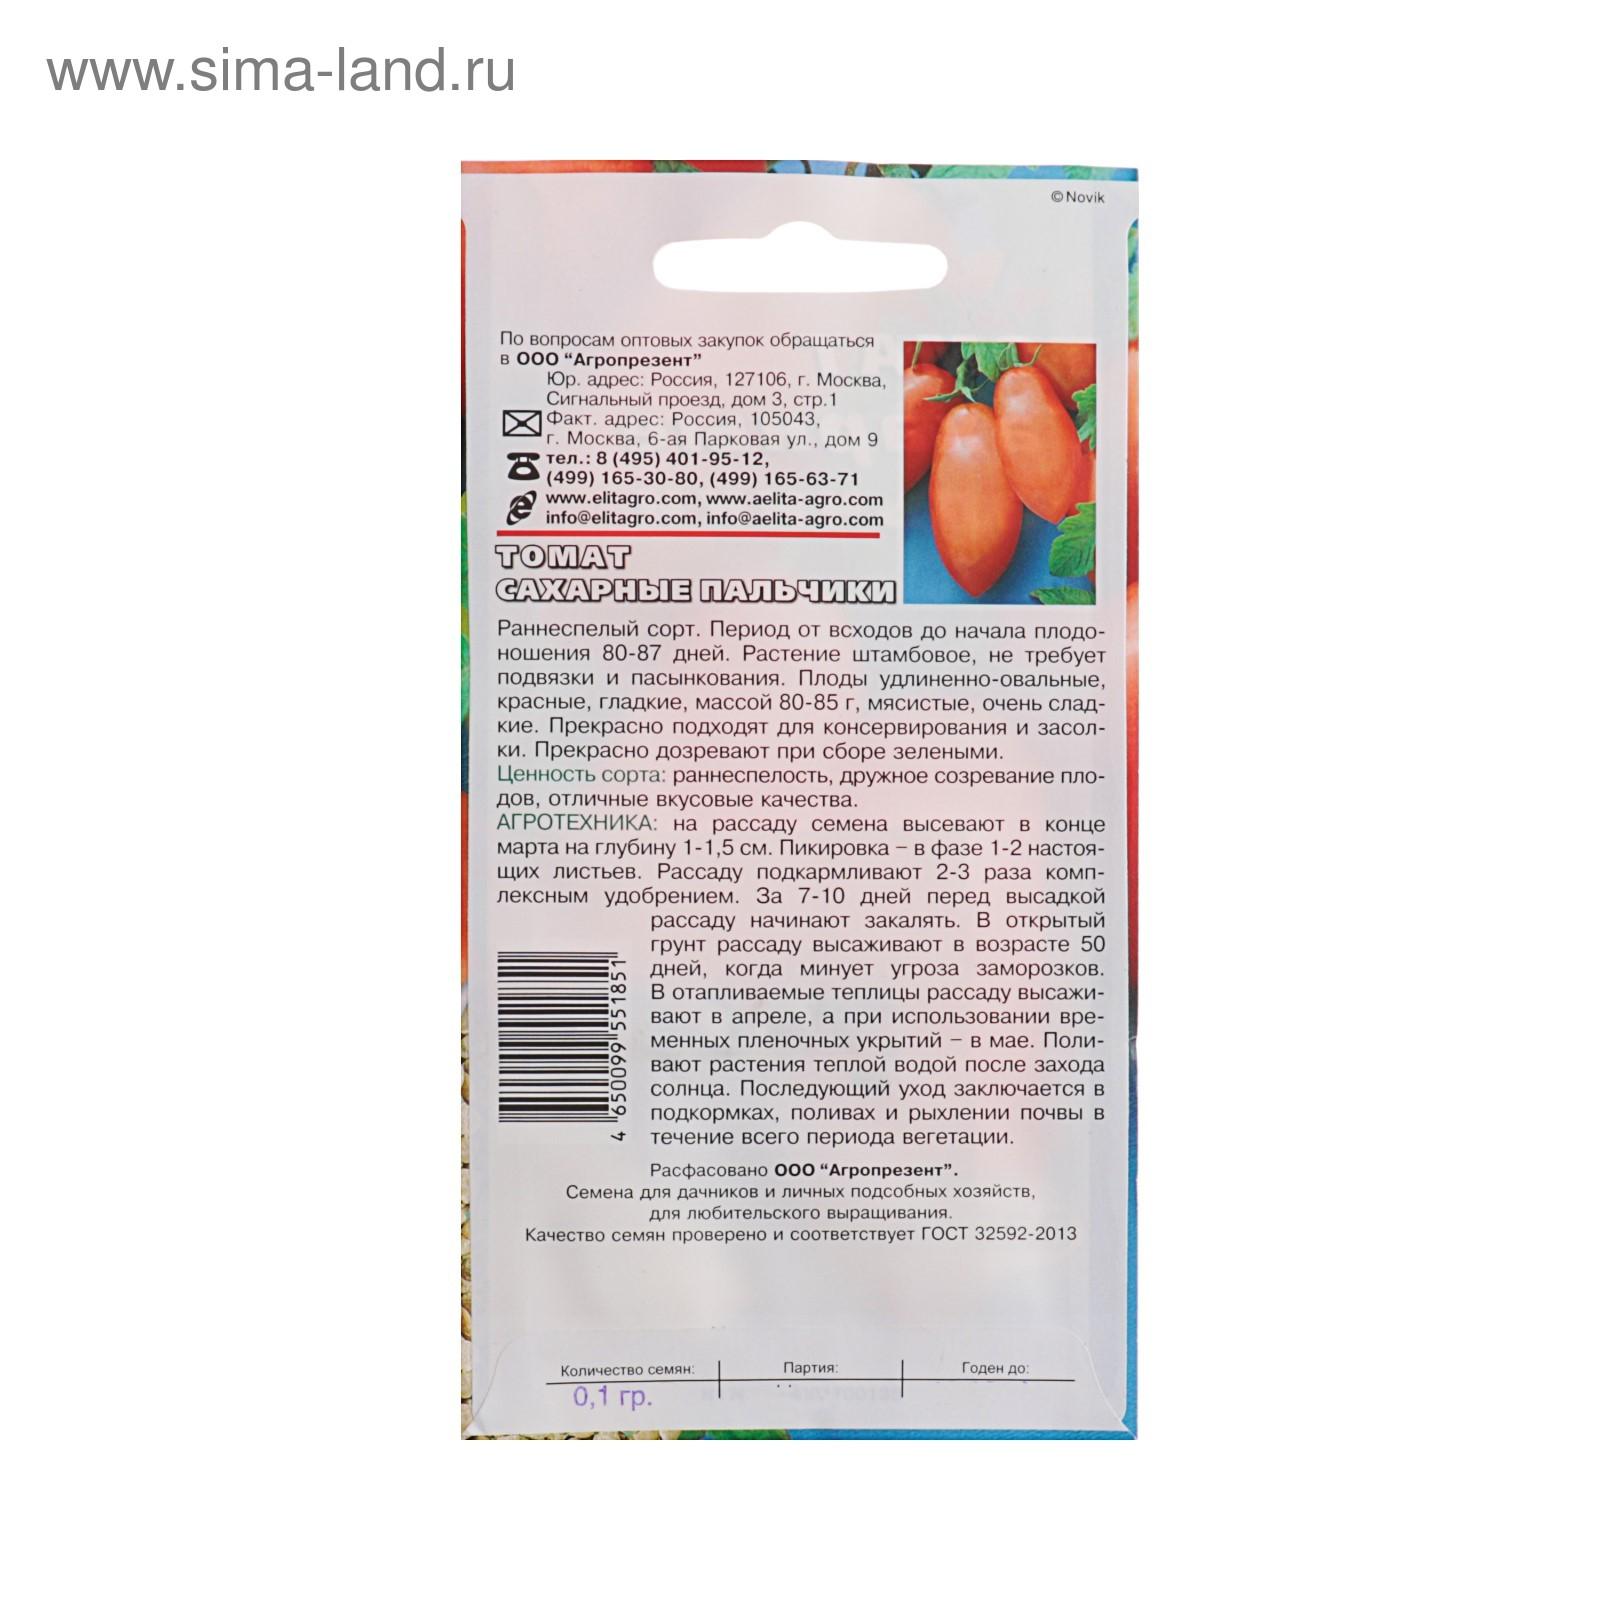 Дамские пальчики: описание сорта томата, характеристики помидоров, посев